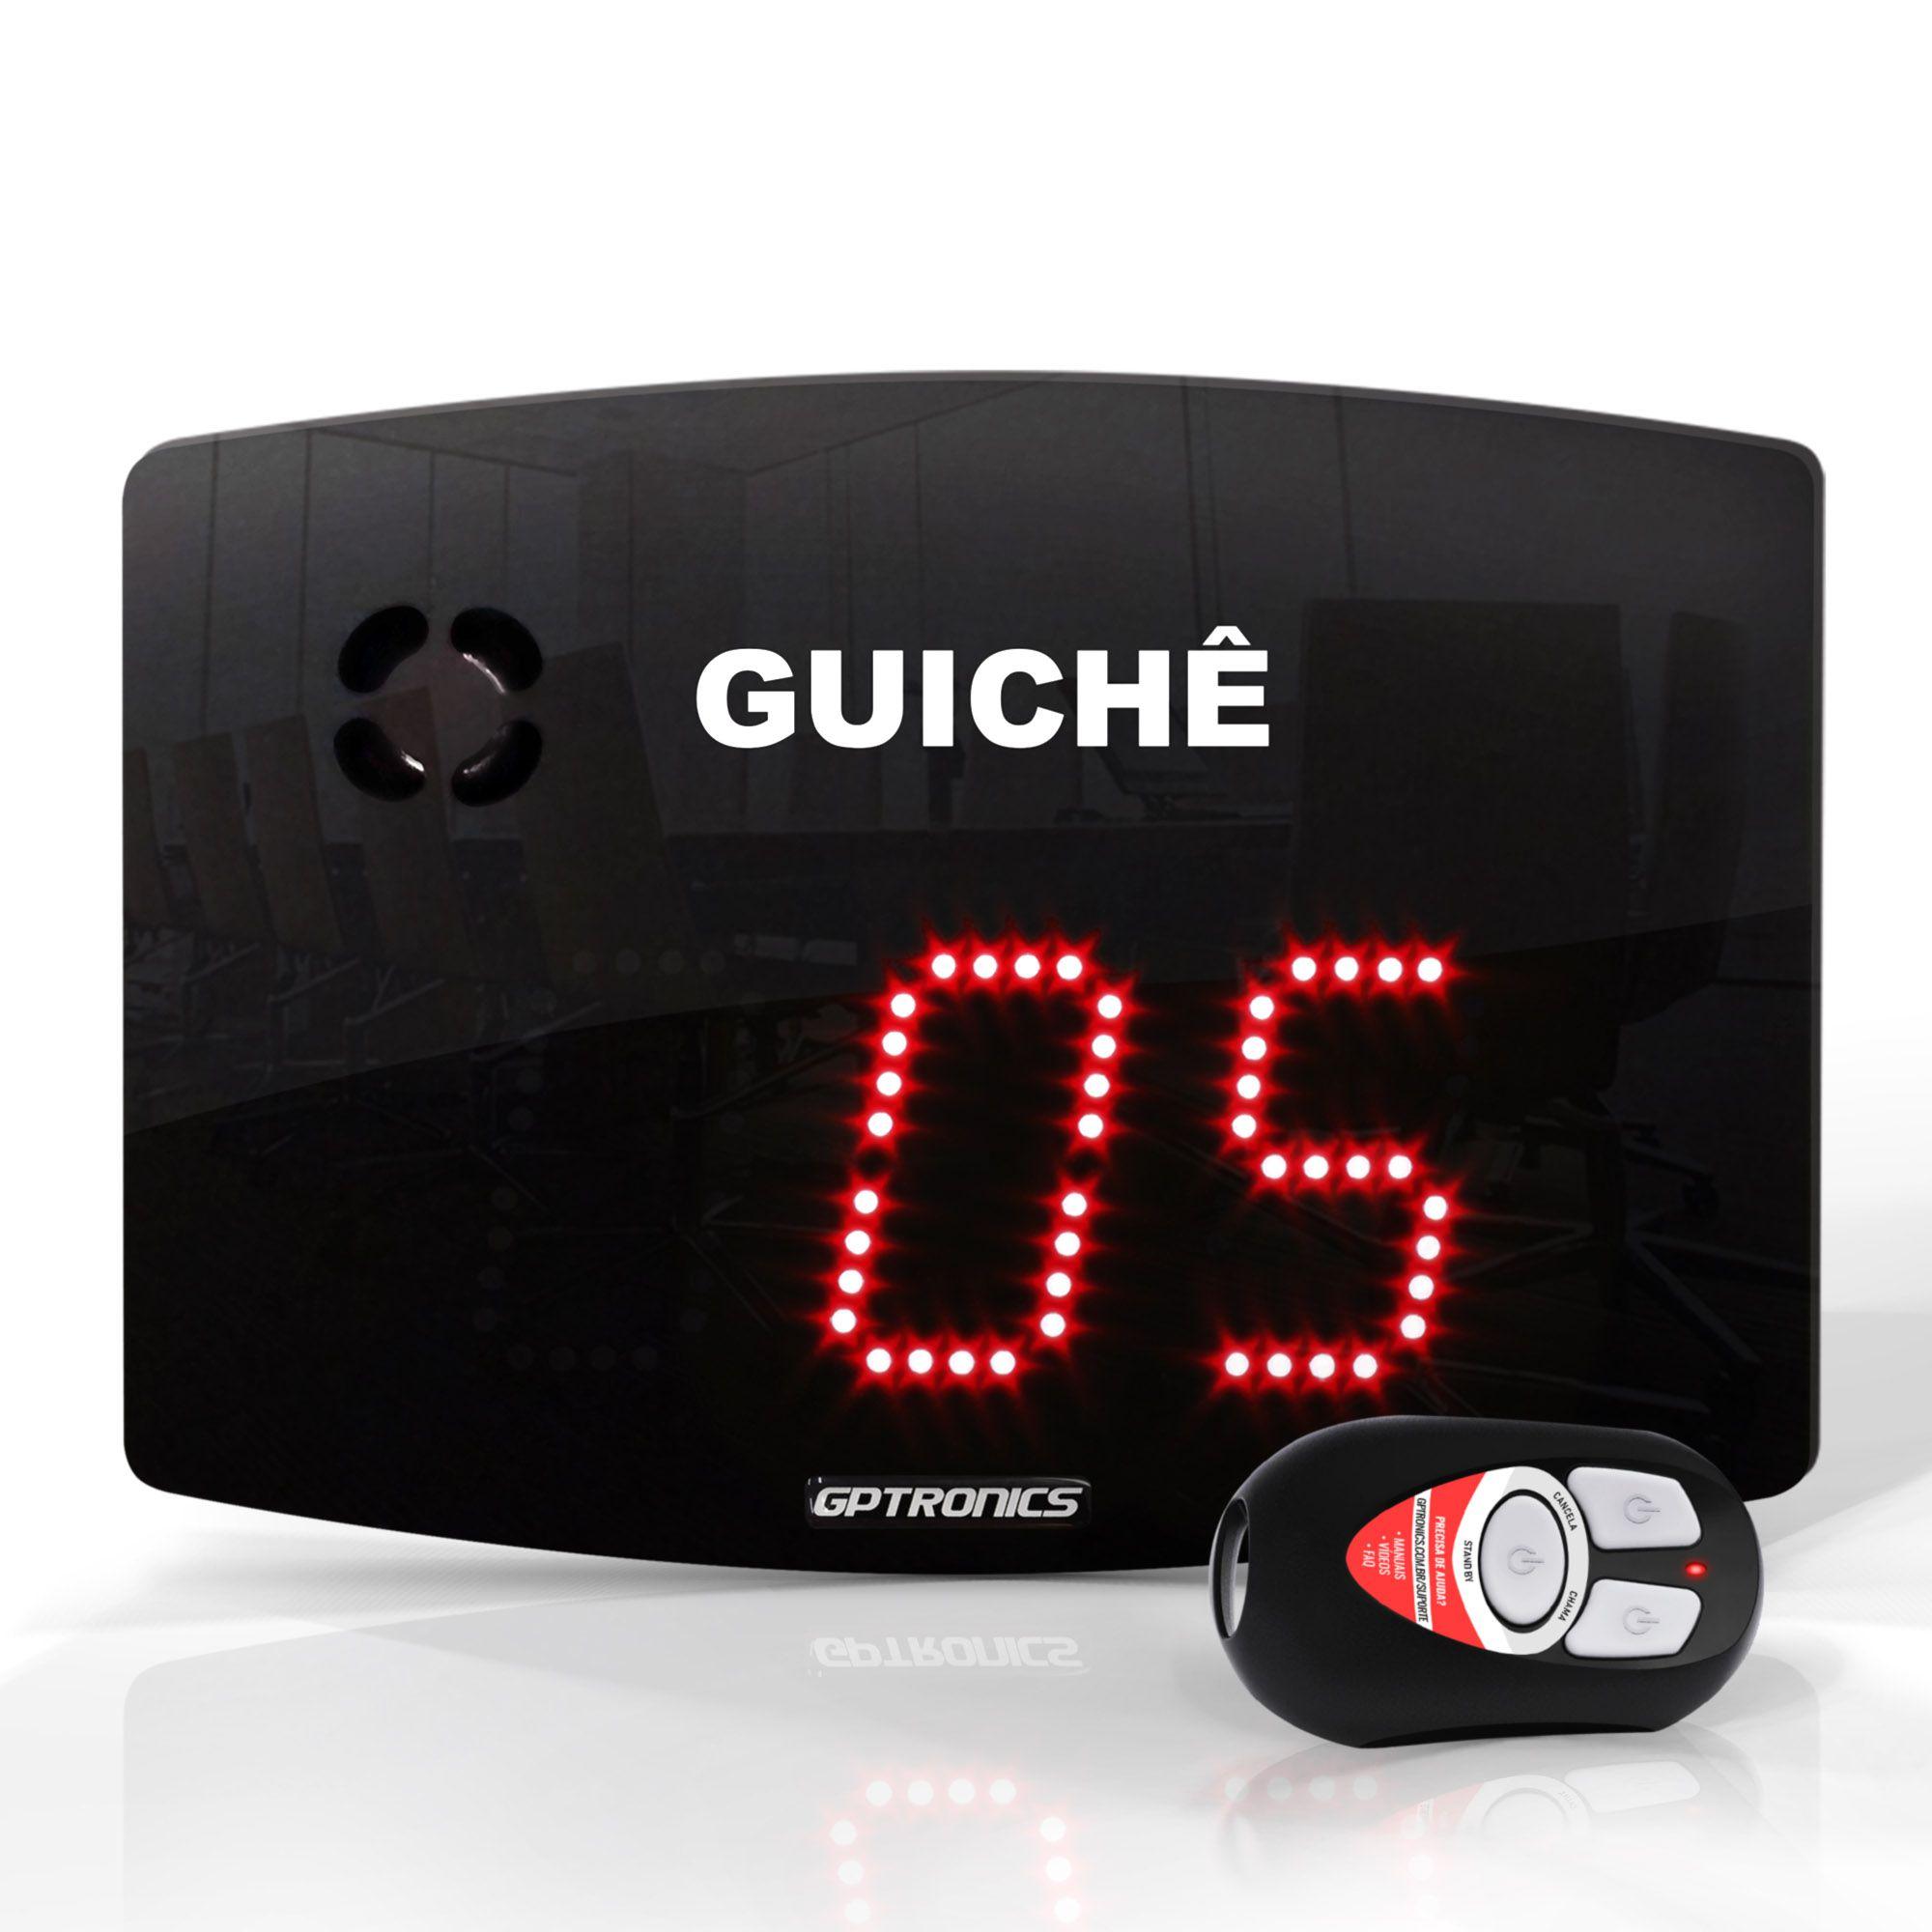 Painel Guichê Agilize Slim 25 G / 24x18 cm / Com Controle Wi